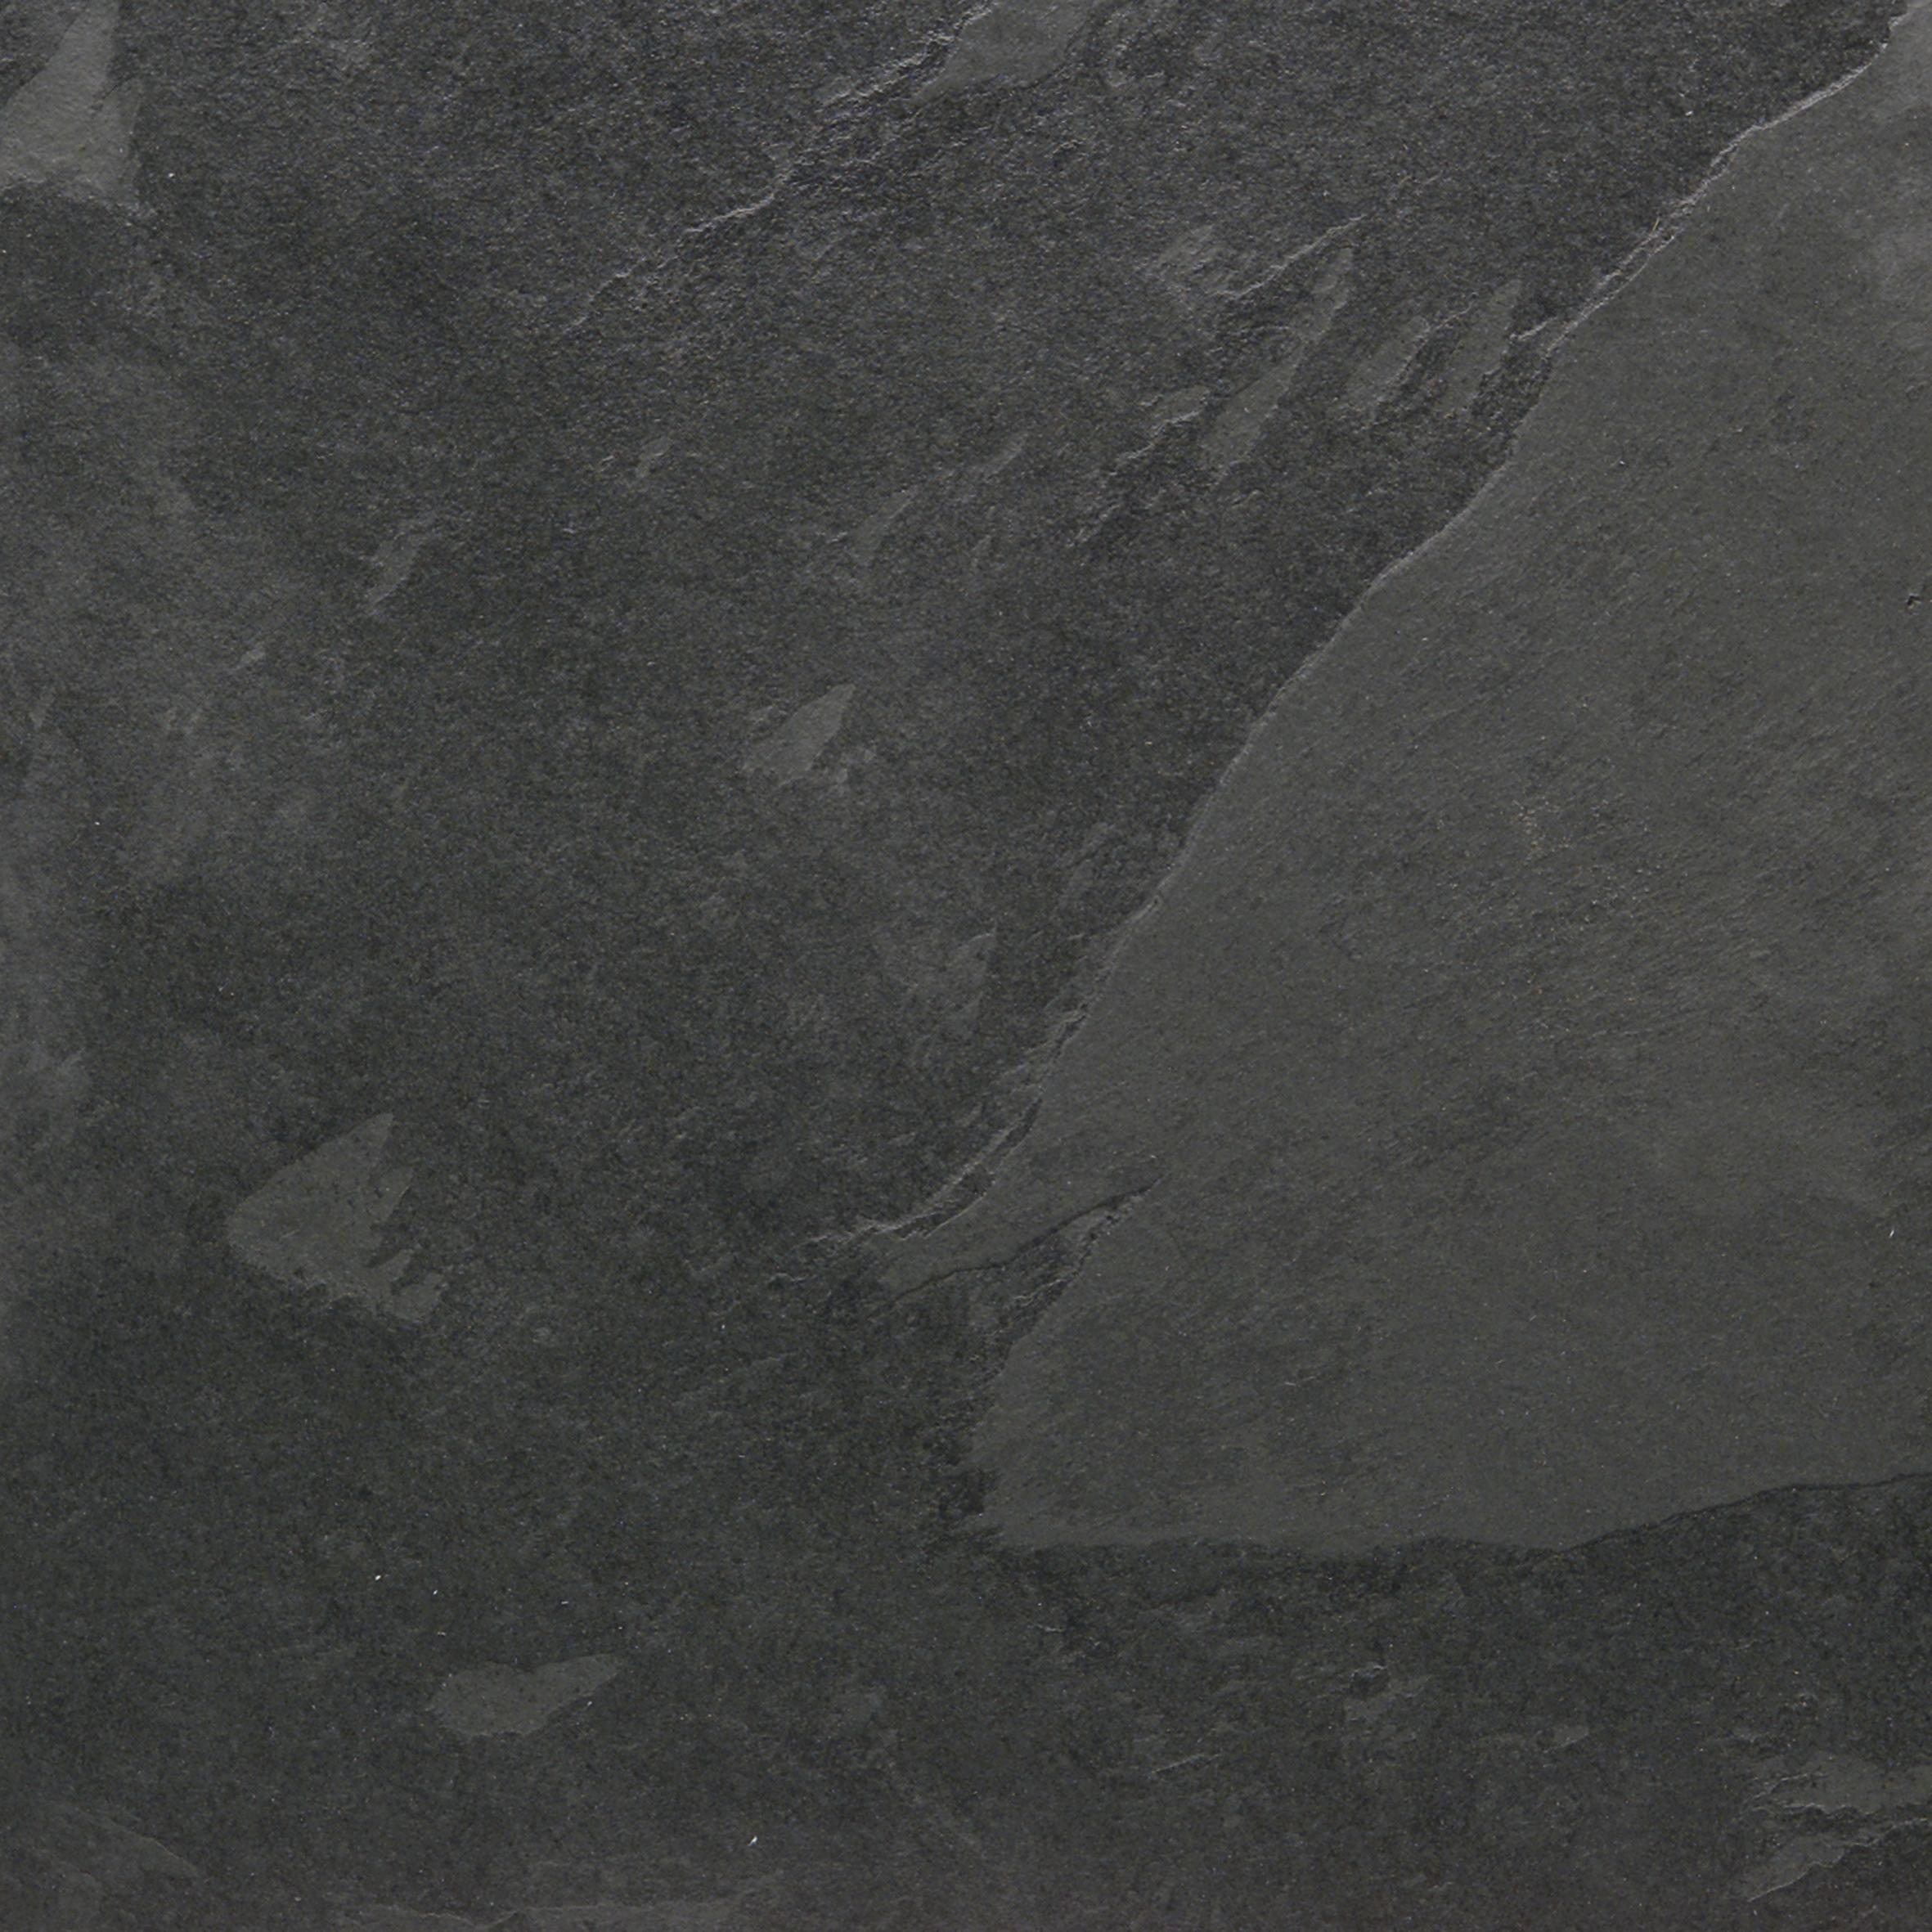 schiefer innen fliesen aus stein. Black Bedroom Furniture Sets. Home Design Ideas